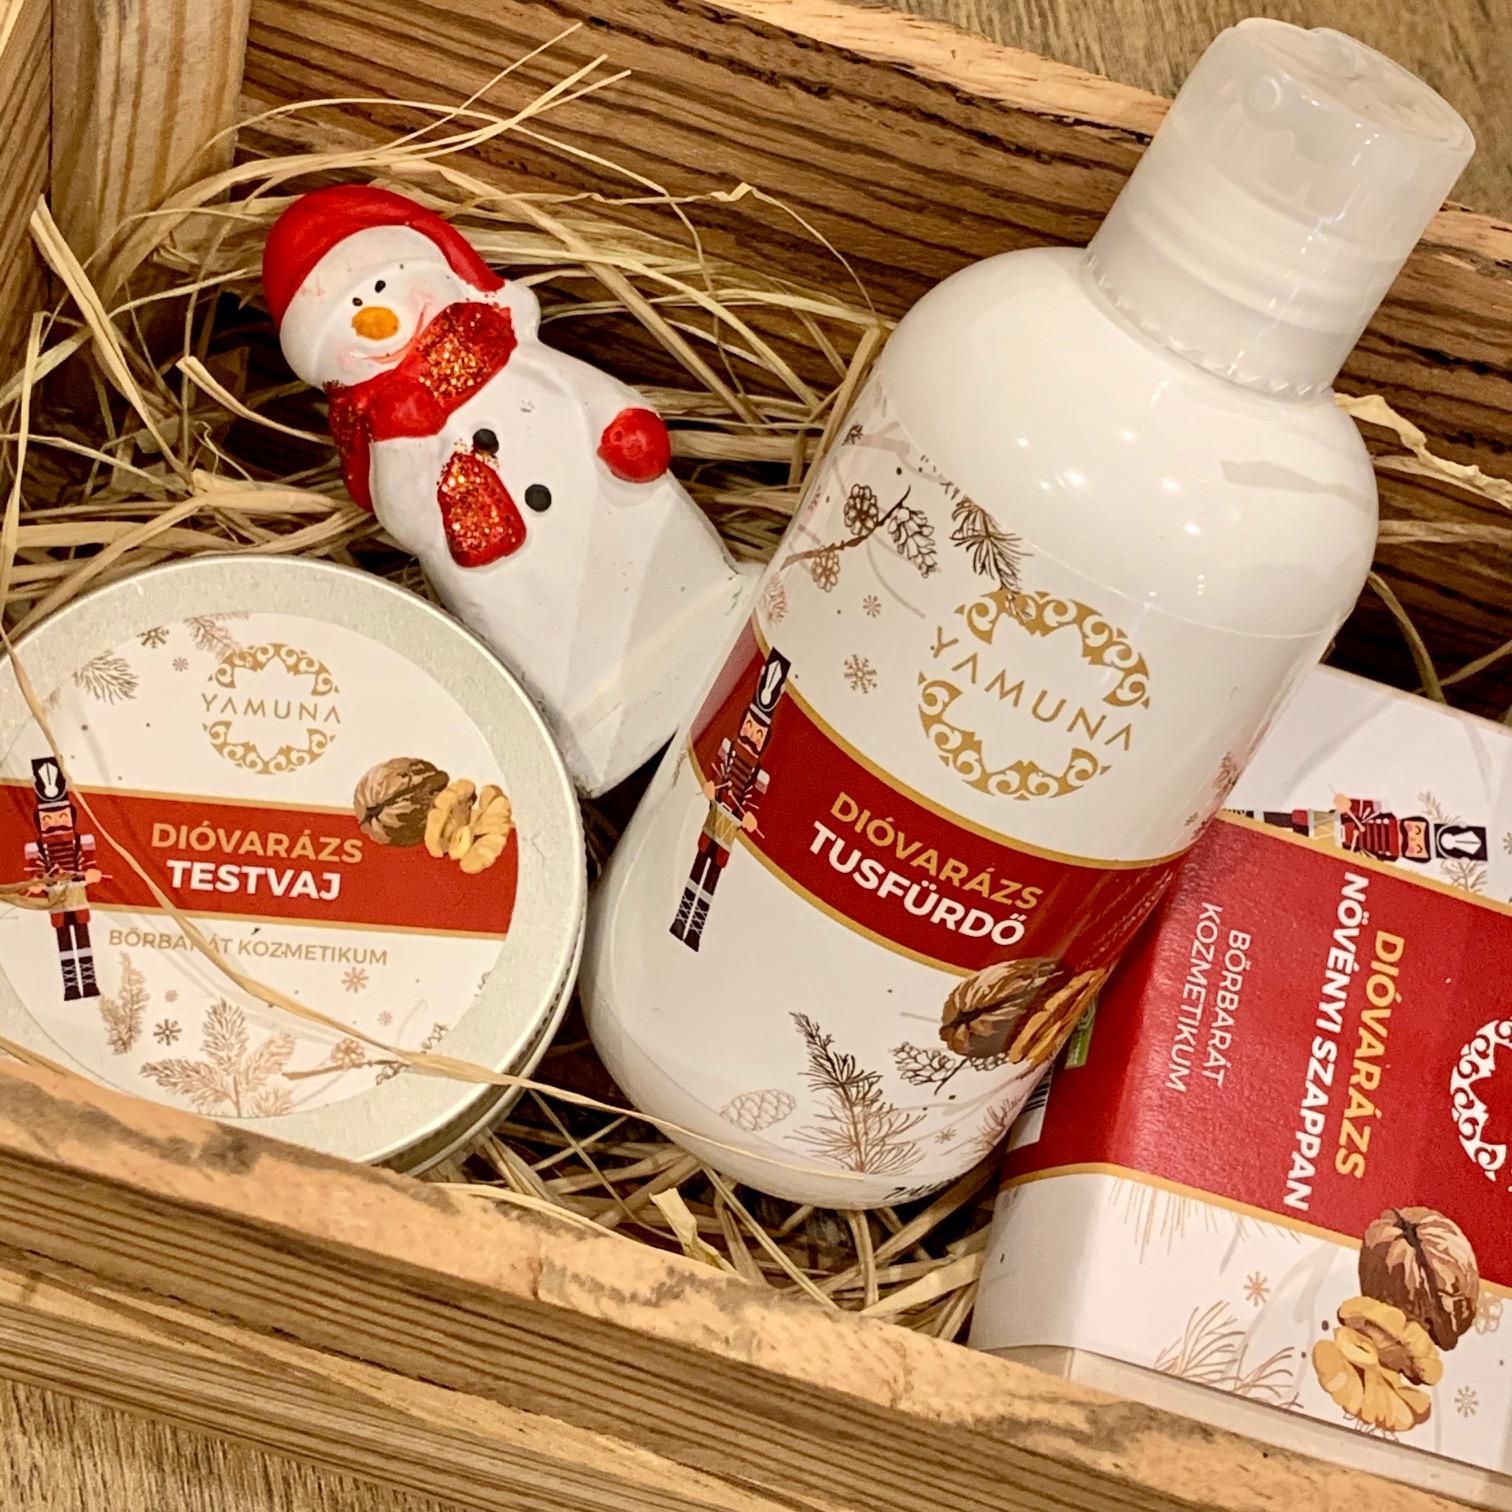 yamuna, dióvarázs, karácsonyi, limitált, termékcsalád, testápolás, rúzs és más, testvaj, növényi szappan, diótörő